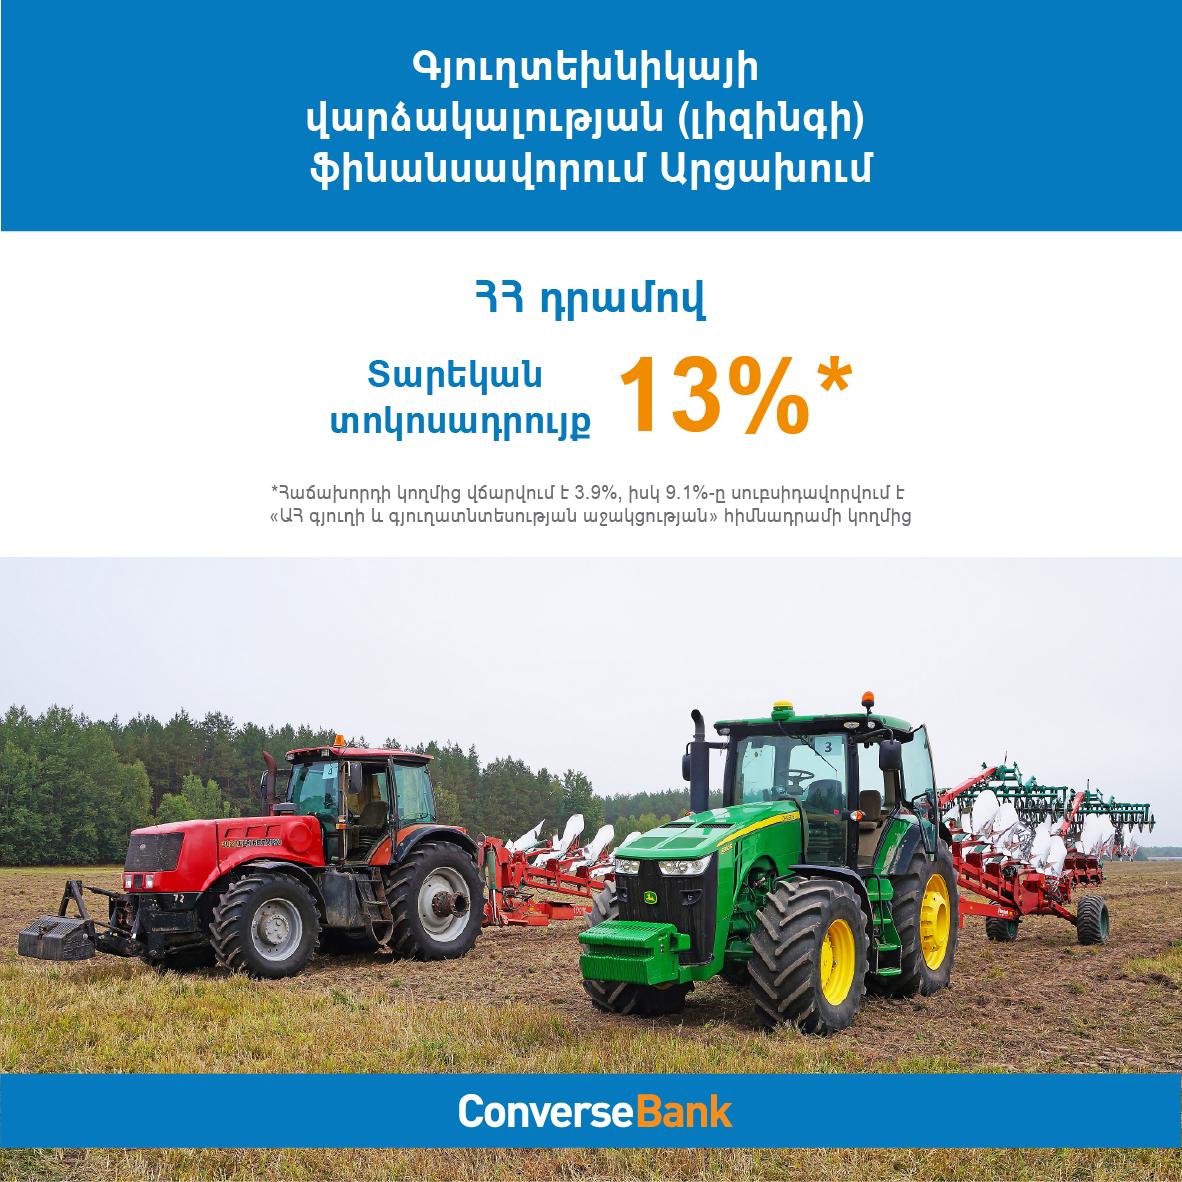 Конверс Банк начал финансировать лизинг сельскохозяйственной техники в Арцахе